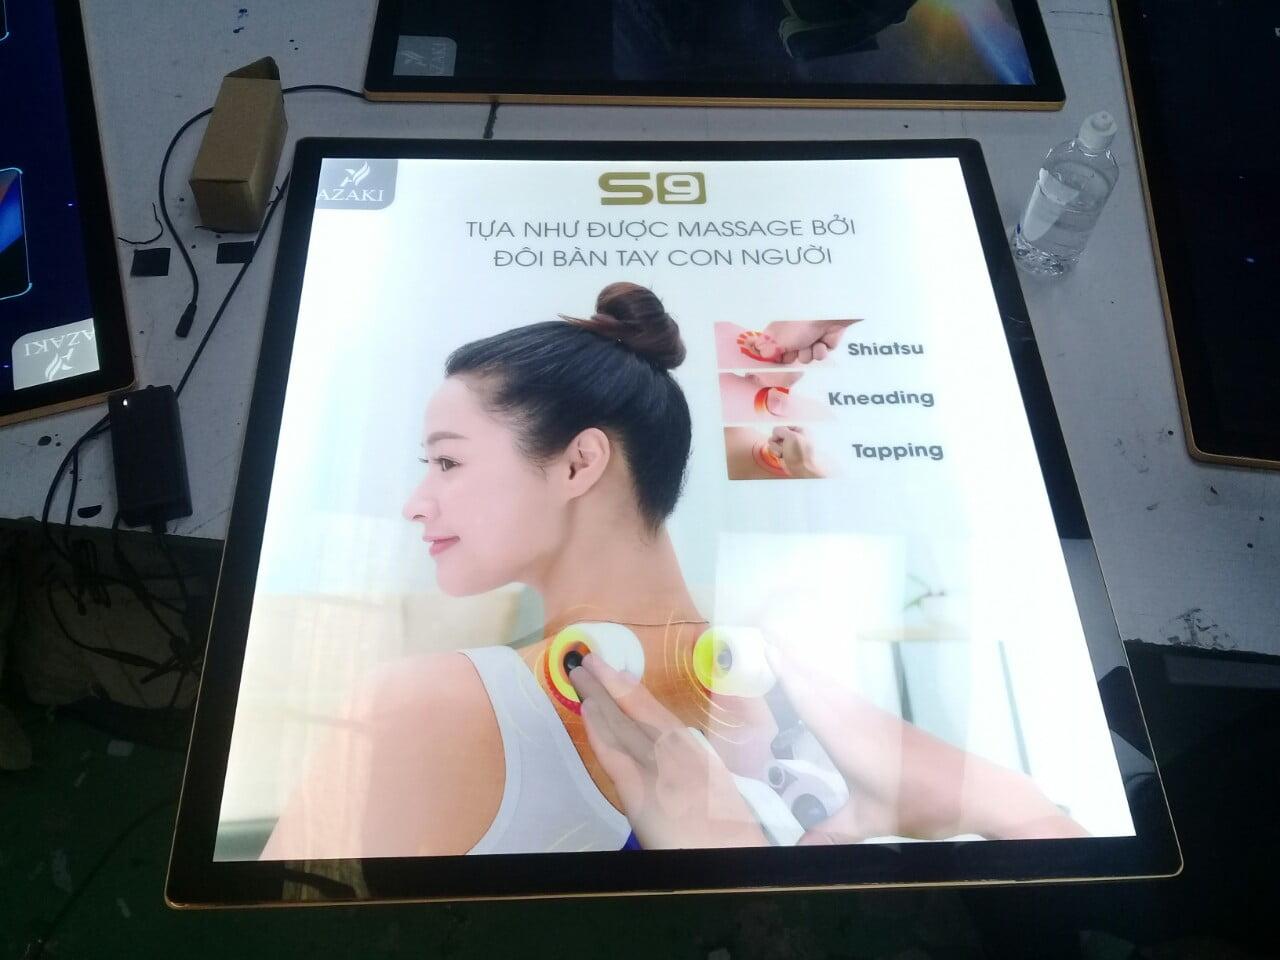 Hộp đèn nắp hít quảng cáo dụng cụ massage